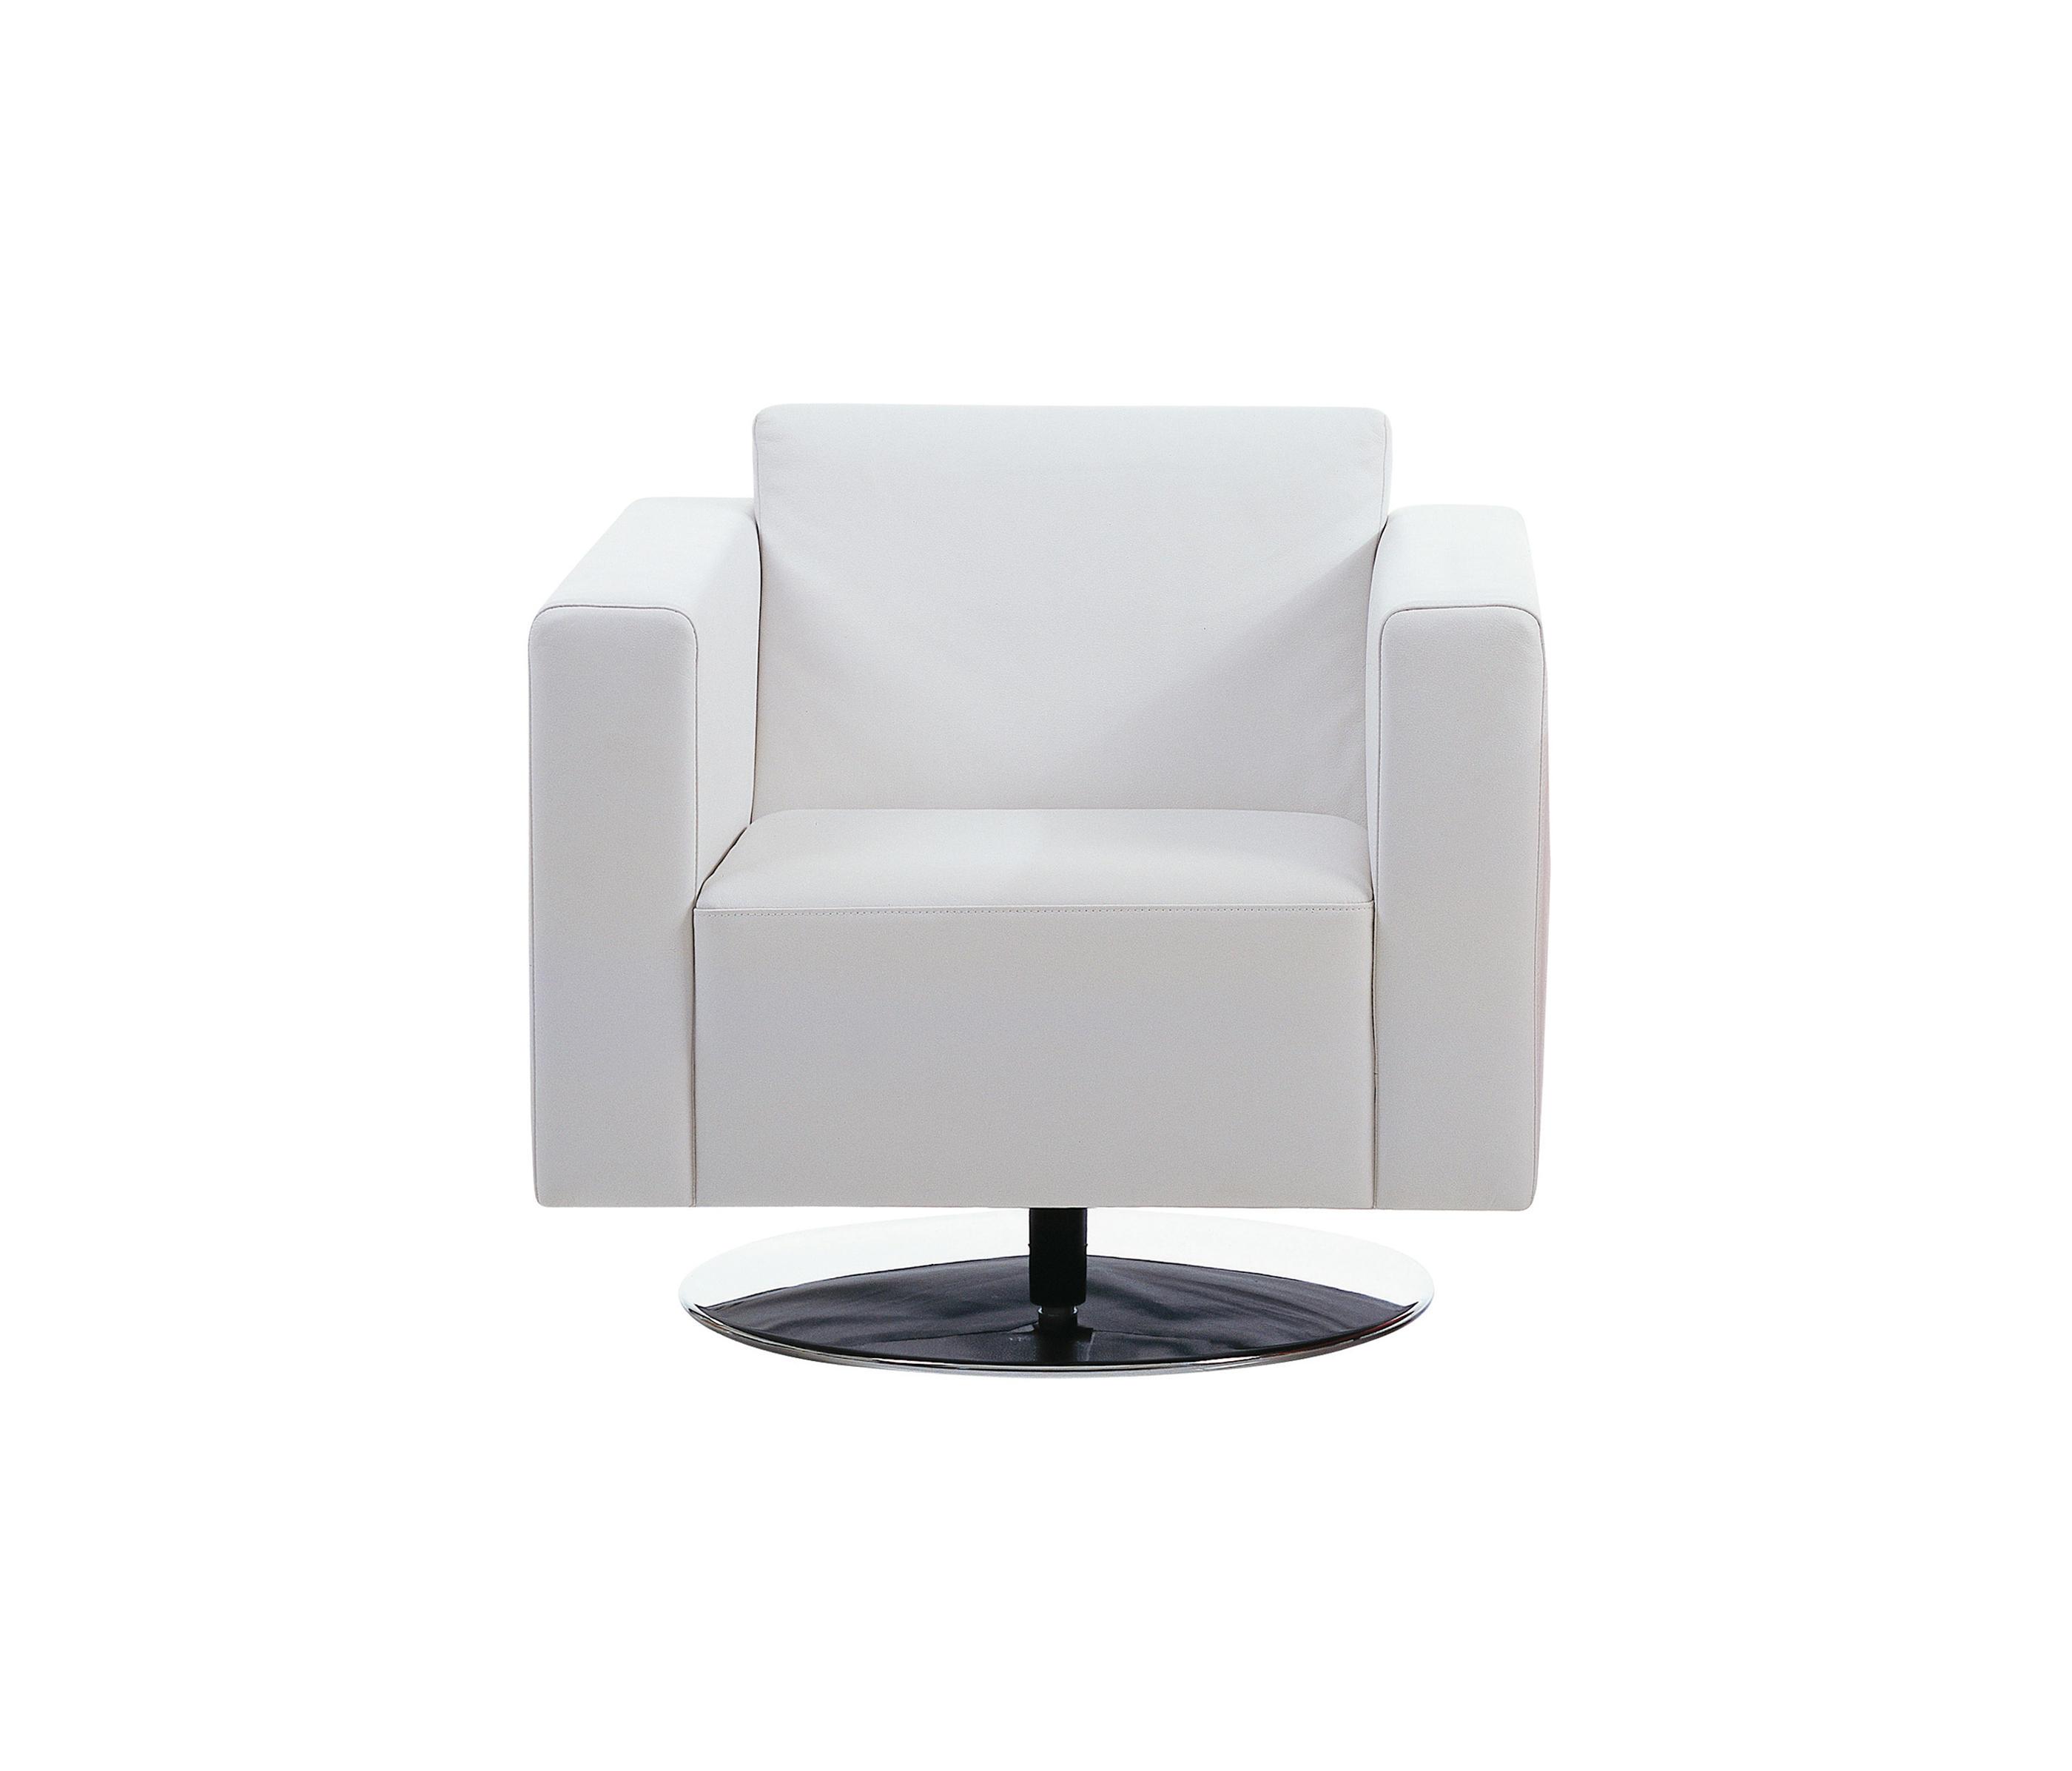 serge sessel sessel von br hl architonic. Black Bedroom Furniture Sets. Home Design Ideas